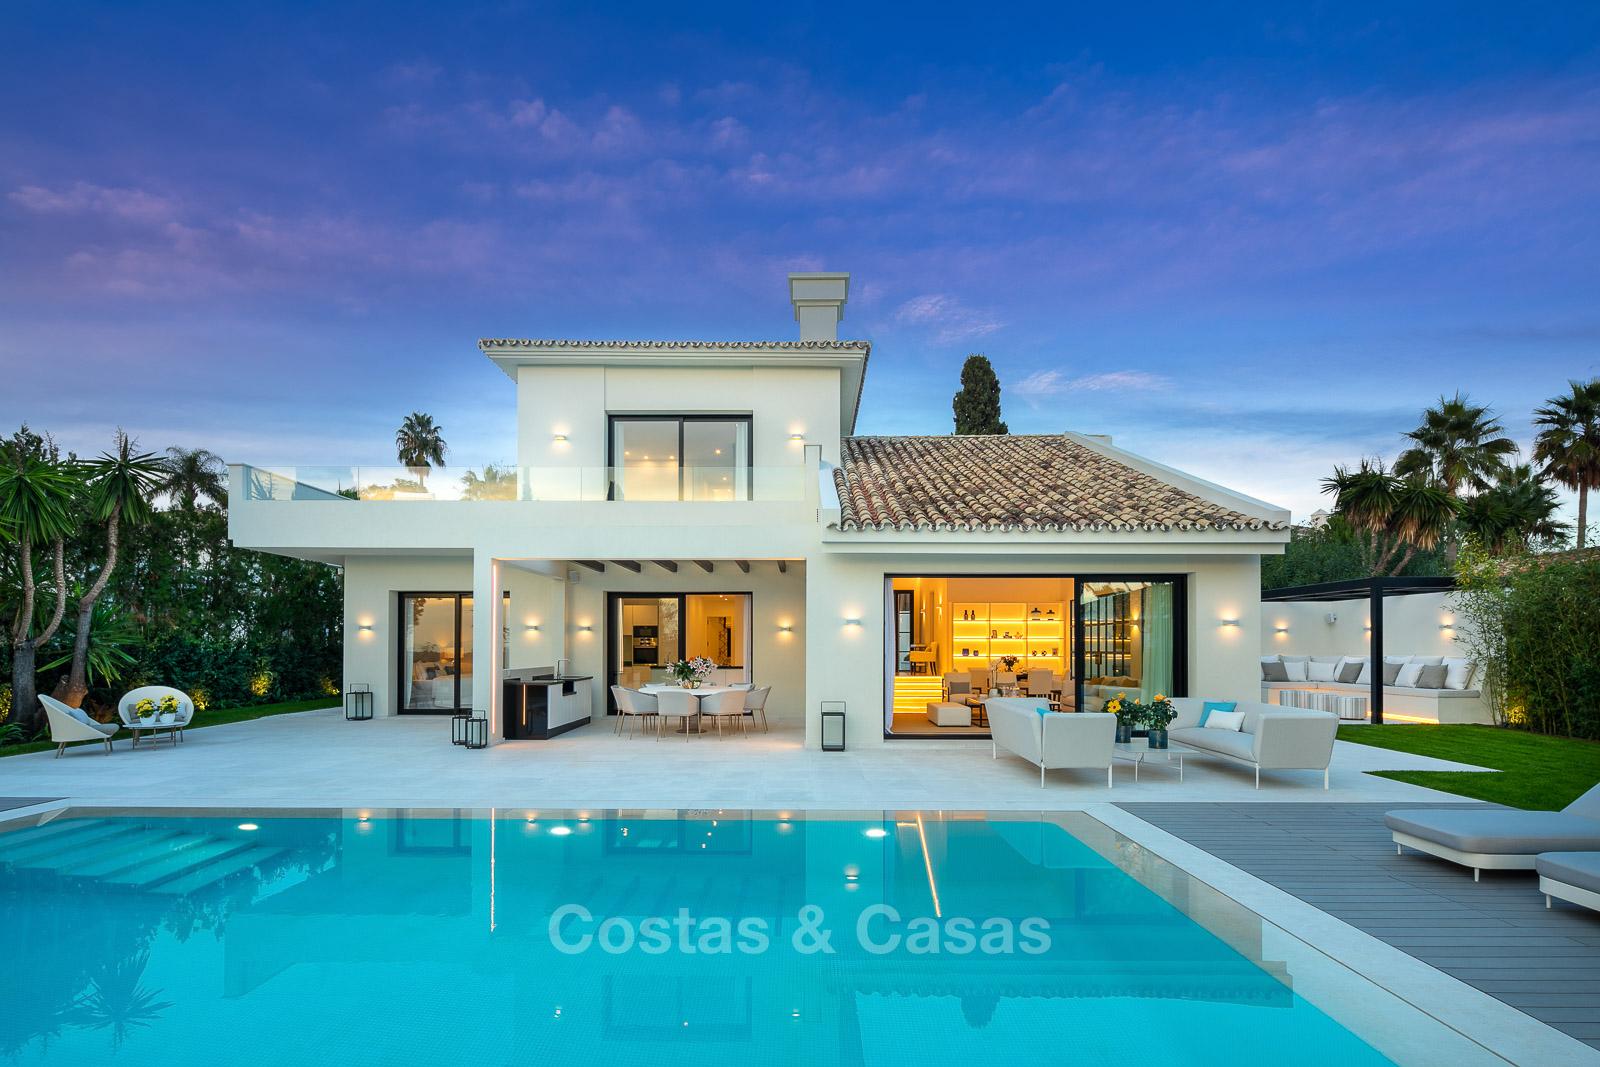 renovated luxury villa for sale Golf ready Nueva Andalucia Marbella